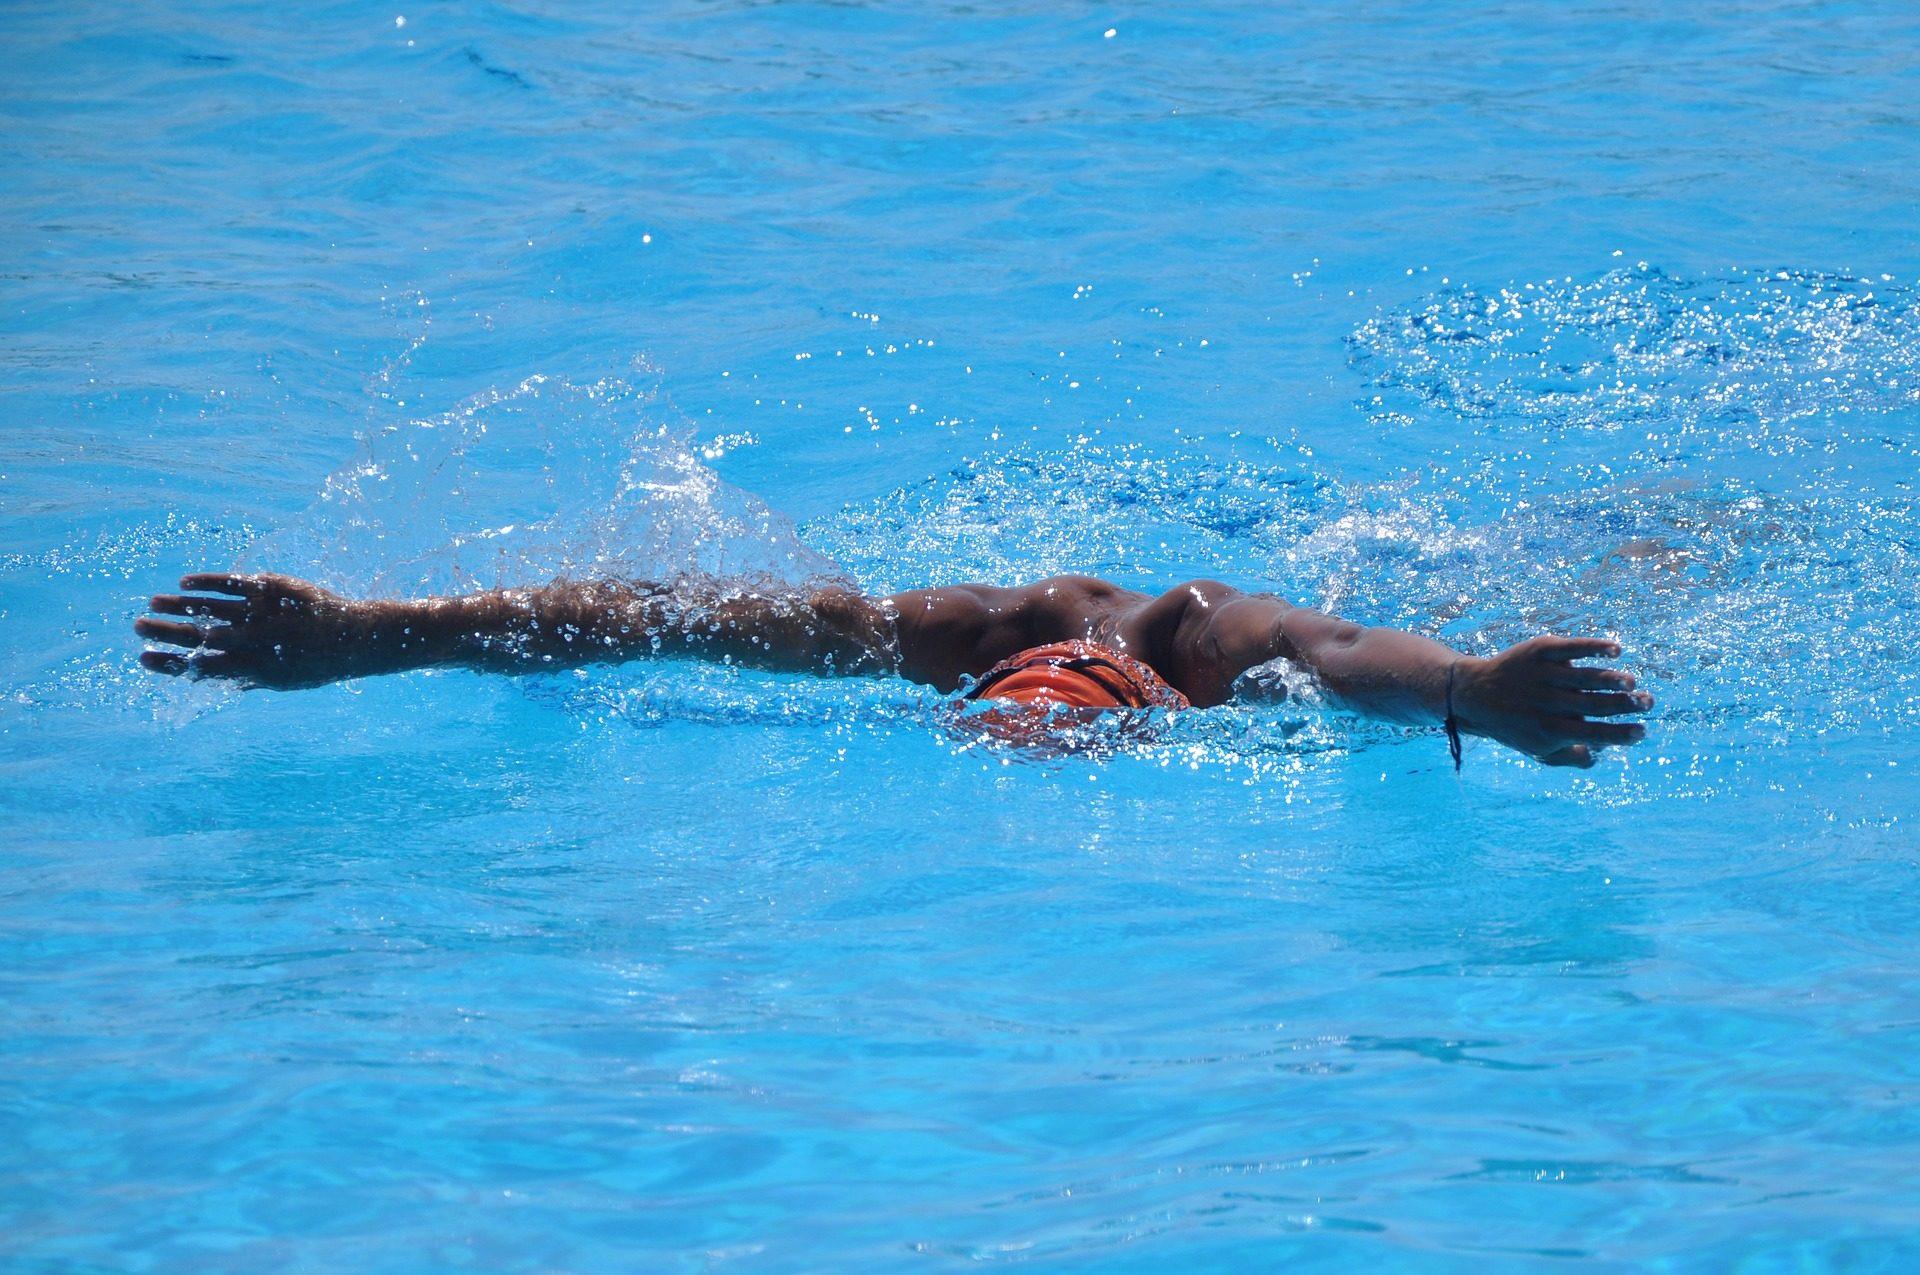 nuotatore, nuoto, Concorso, carriera, corsa, Tappo - Sfondi HD - Professor-falken.com